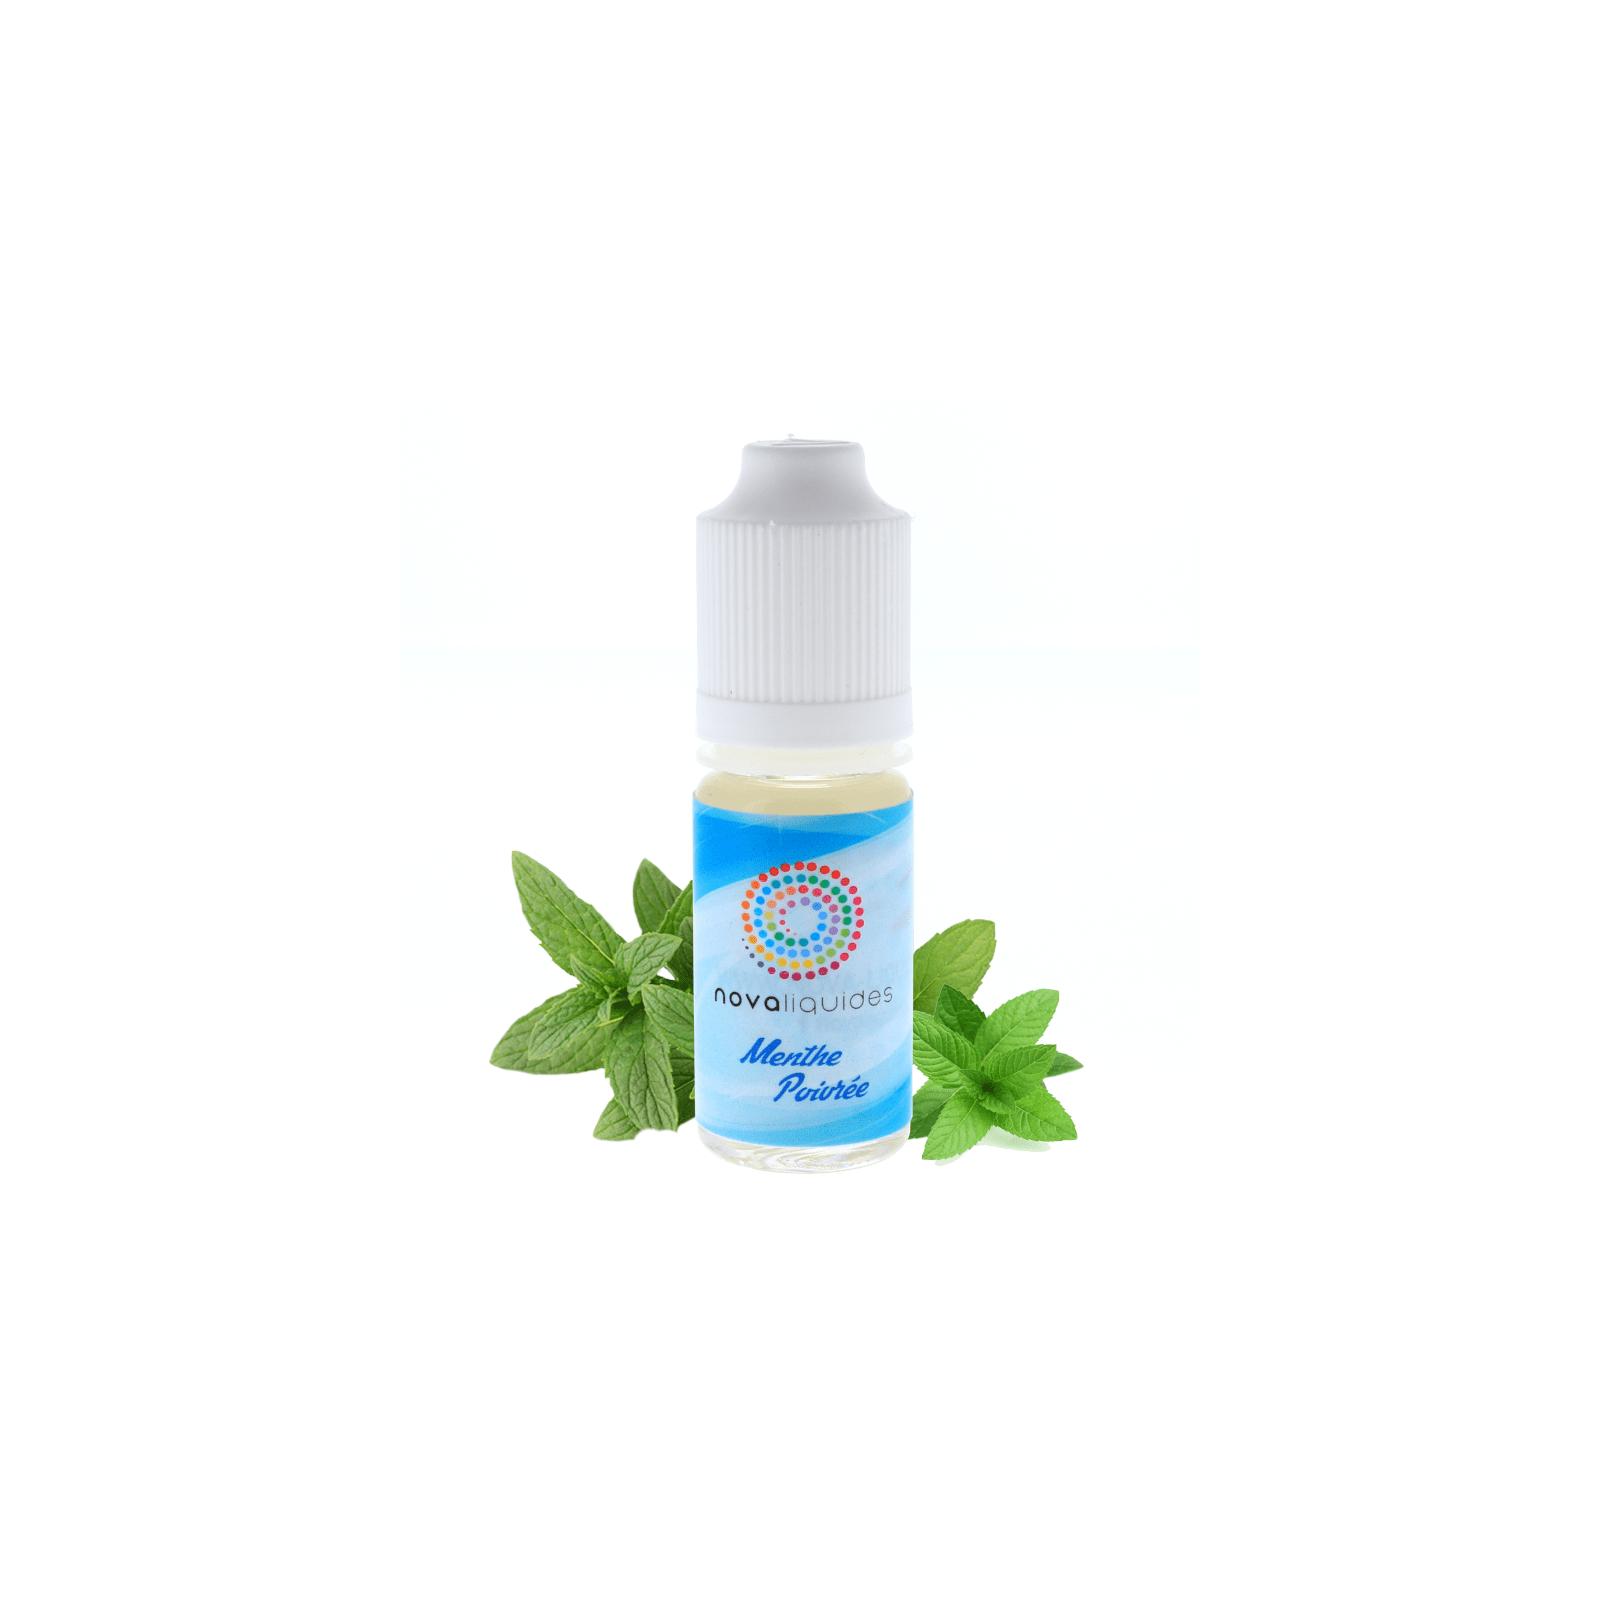 Menthe Poivrée 10ml - Nova Liquides